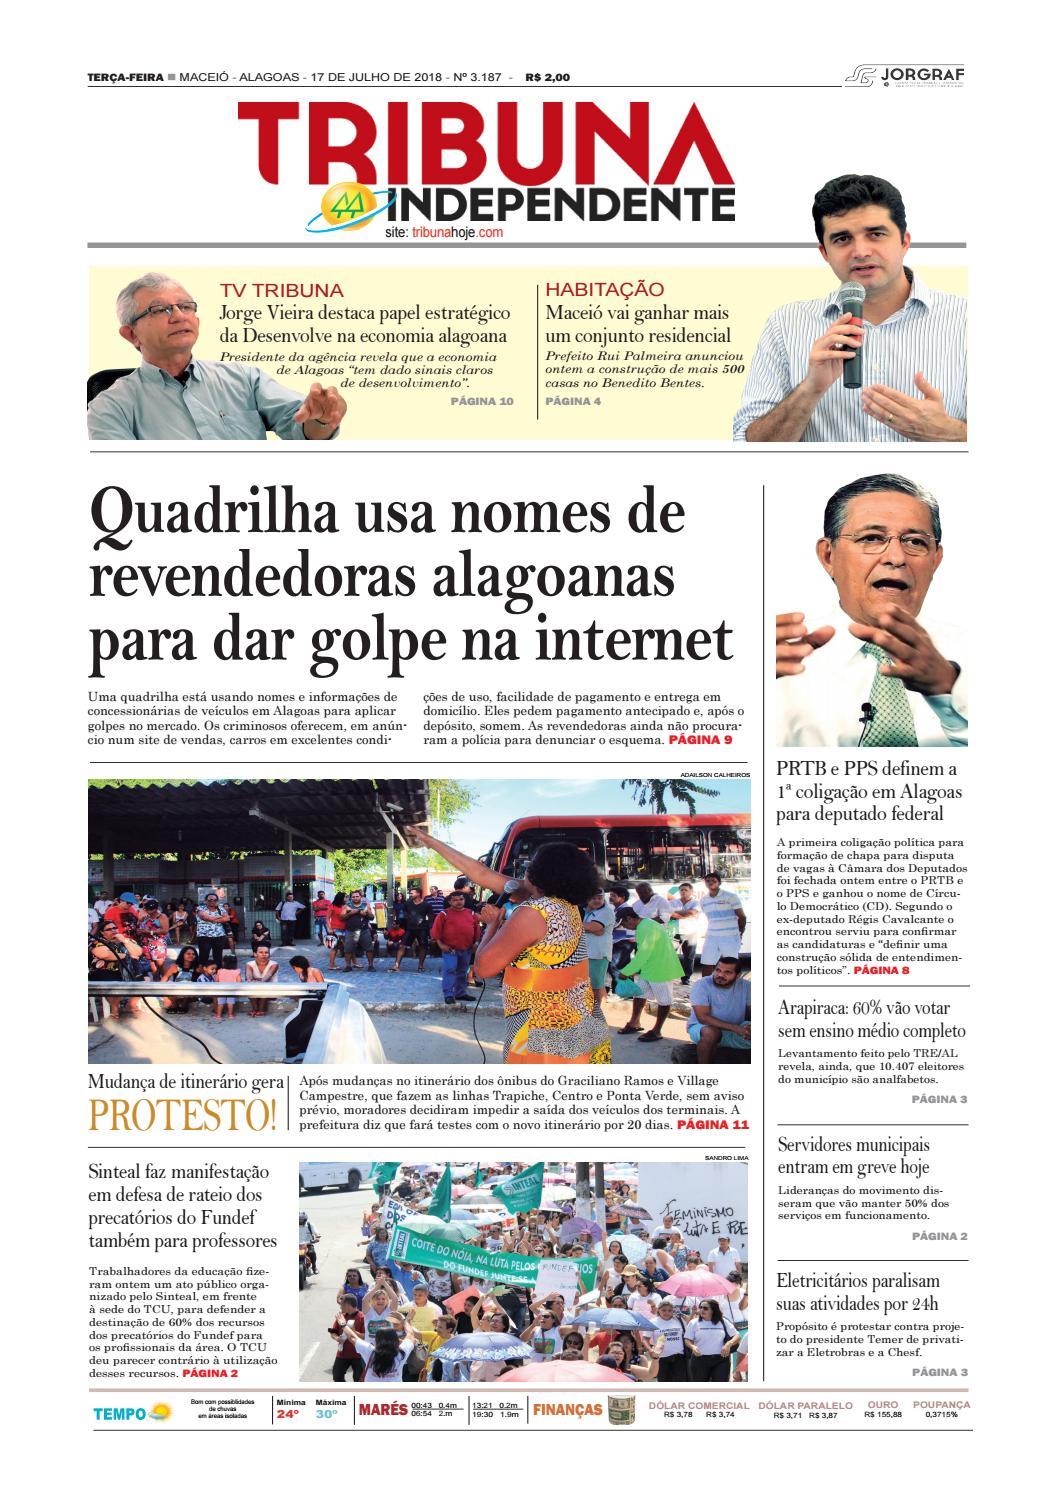 41a3f68be Edição número 3187 - 17 de julho de 2018 by Tribuna Hoje - issuu